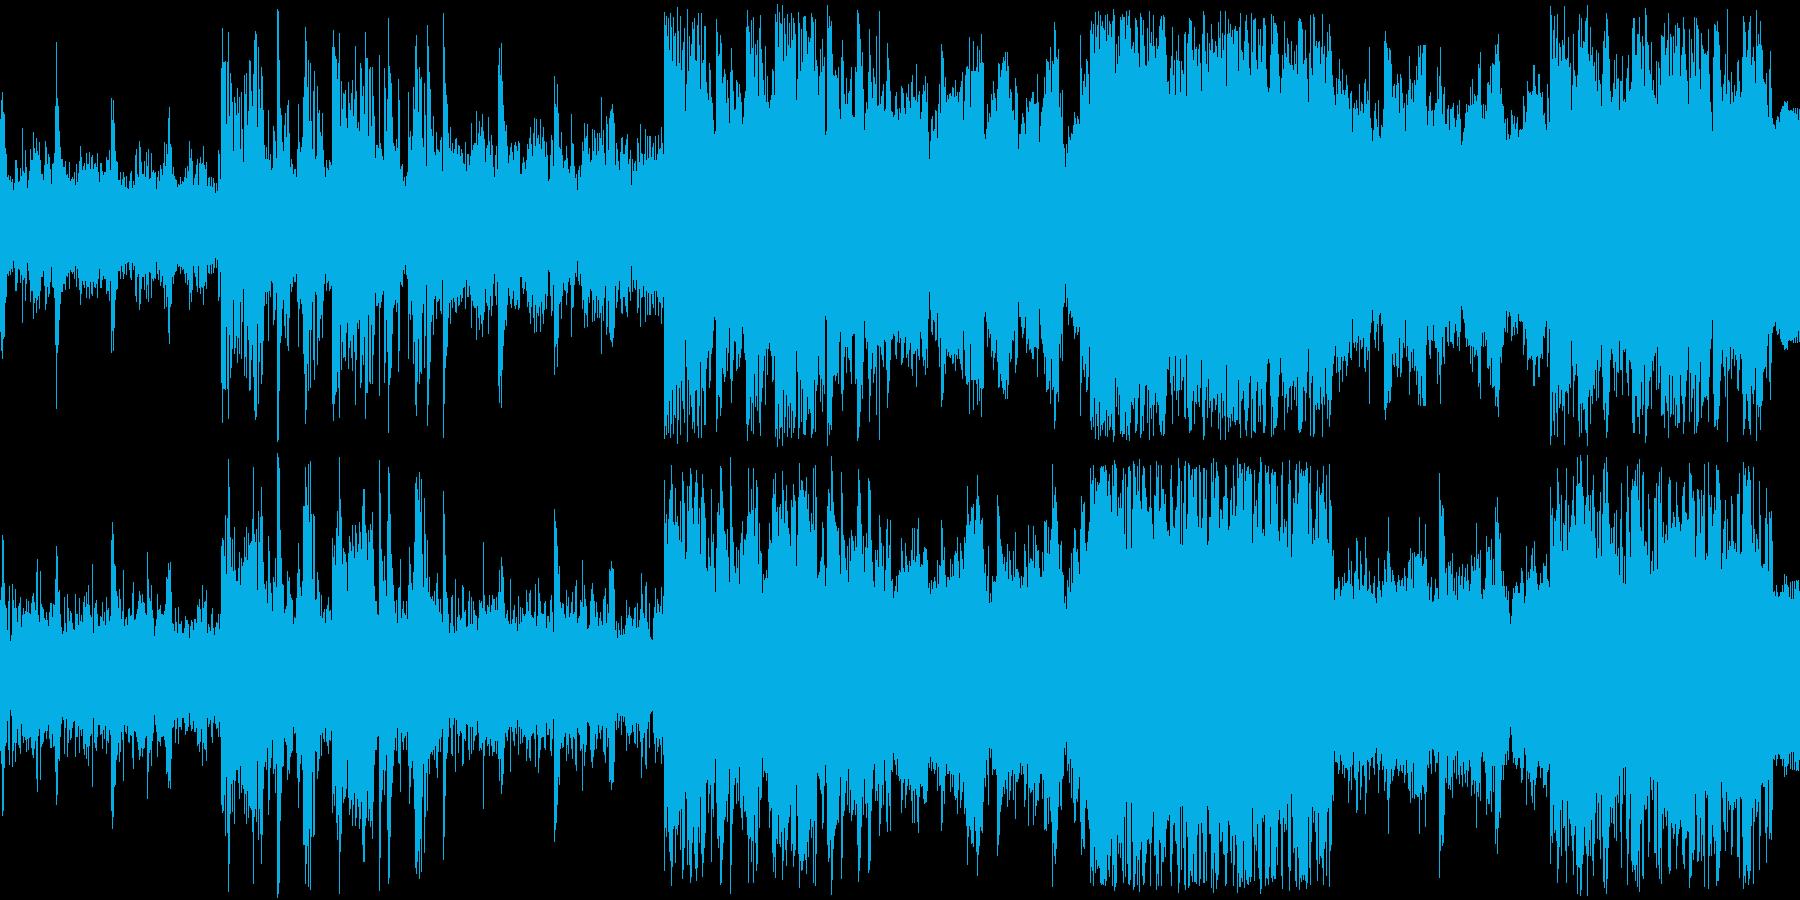 【ドラム抜き】浮遊感のある幻想的なピアノの再生済みの波形